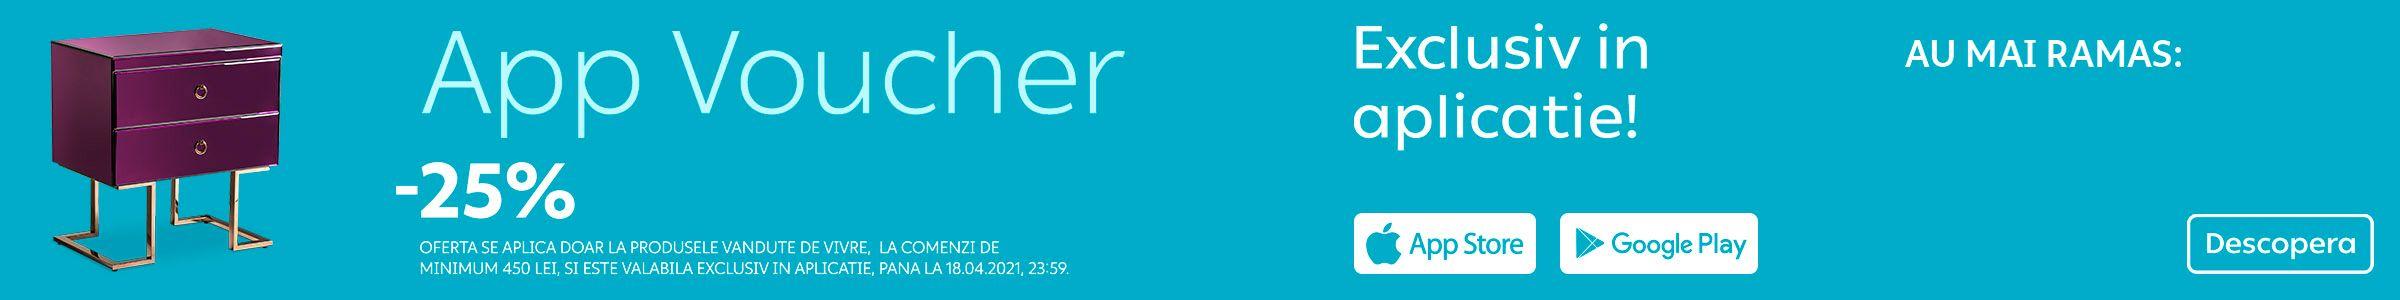 App Voucher Web